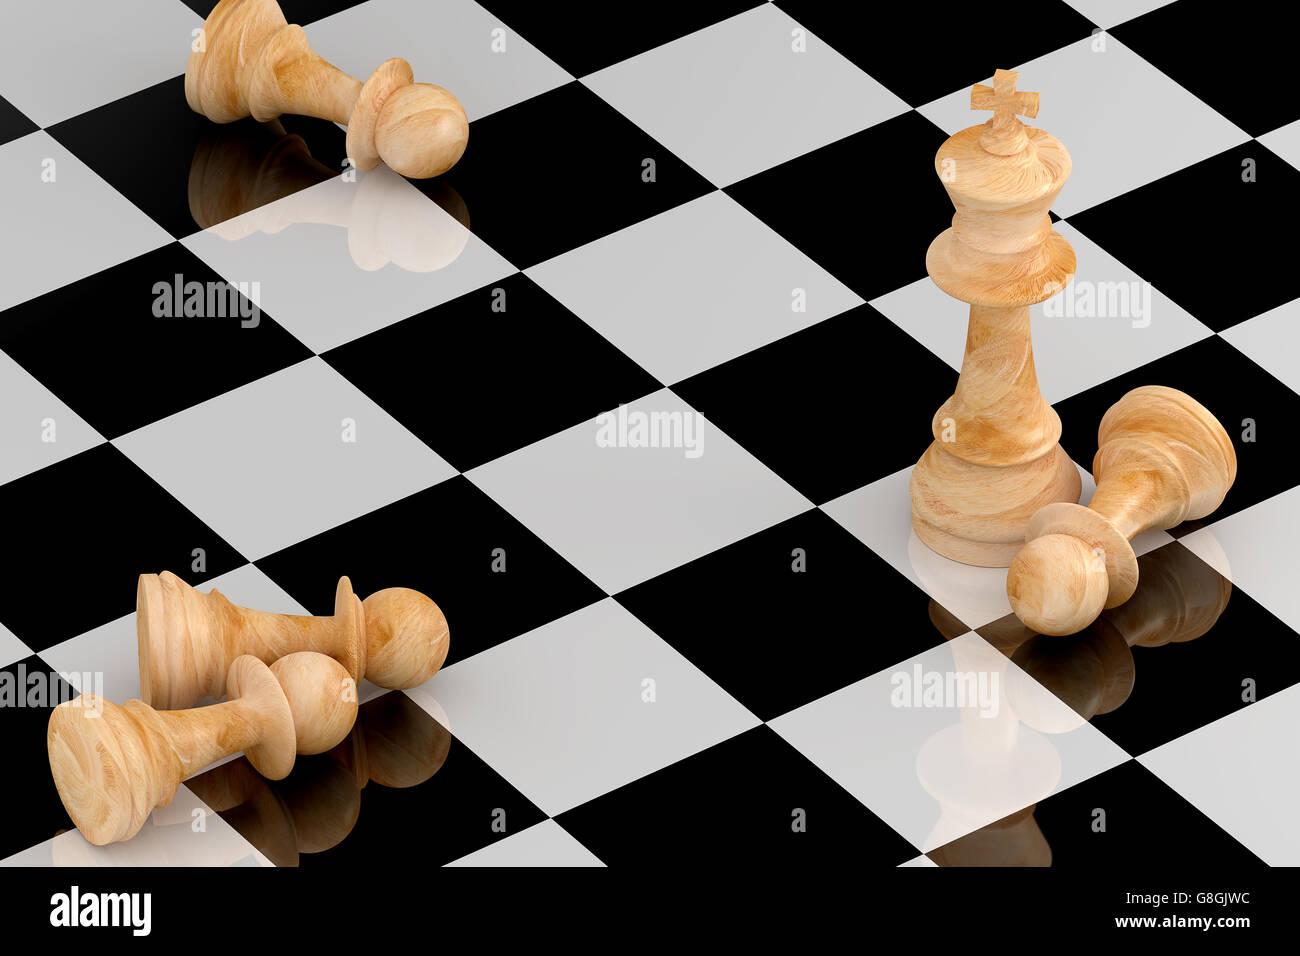 Concepto de negocio logro ilustrado por el ajedrez en 3D rendering. Imagen De Stock